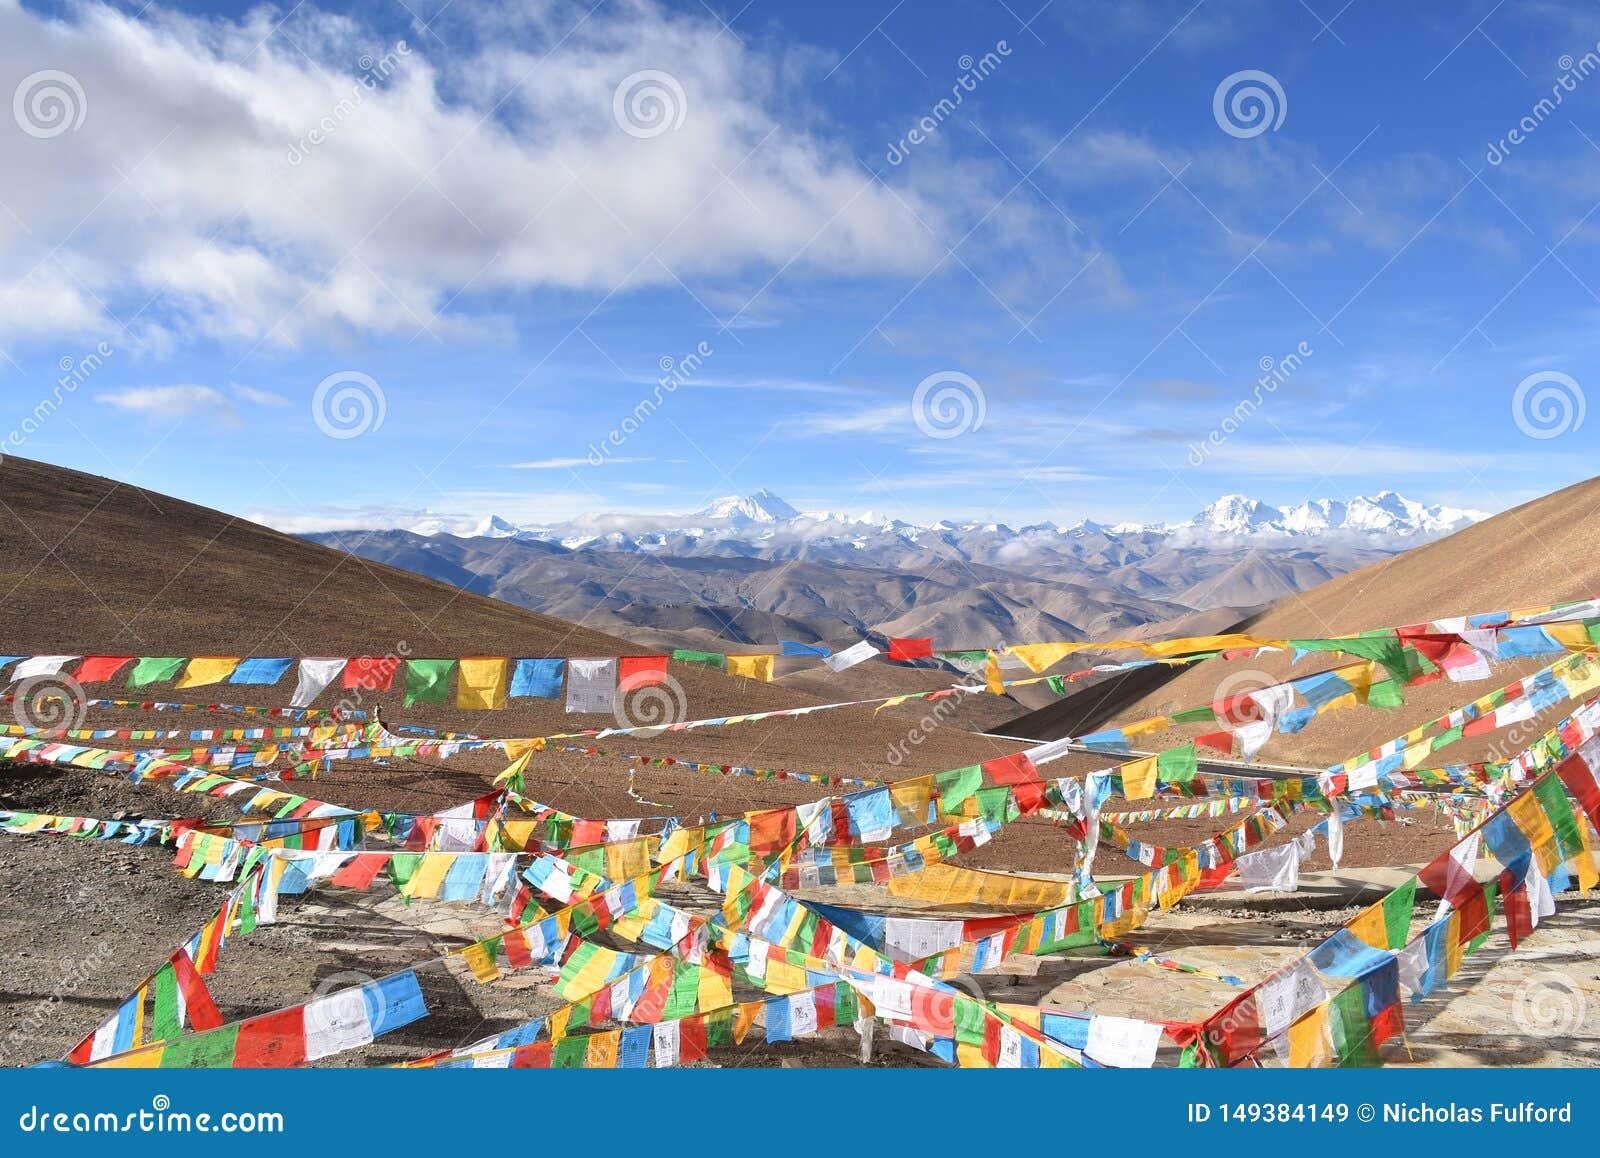 Le mont Everest avec des drapeaux de pri?re dans le premier plan